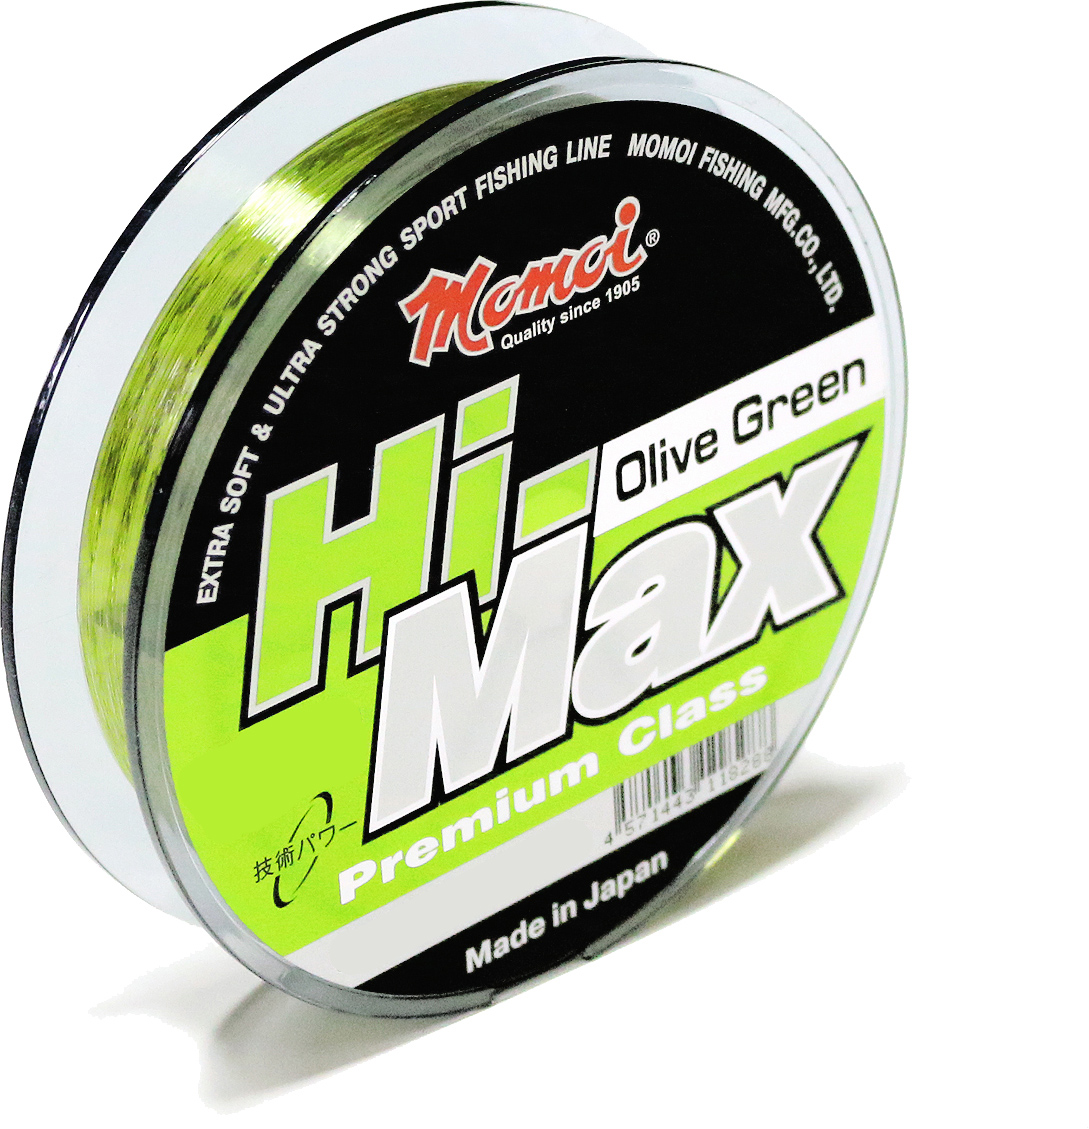 Леска Momoi Fishing Hi-Max Olive Green, 0,35 мм, 13,0 кг, 100 м4505Всесезонная рыболовная леска. Относится к типу спортивных лесок.Благодаря антистатическому скользкому покрытию идеально подходит как для спининга, так и для всех видов поплавочных удилищ с кольцами. Является одной из самых востребованных сополимерных лесок из-за отсутствия эффекта памяти и высокой узловой прочности.